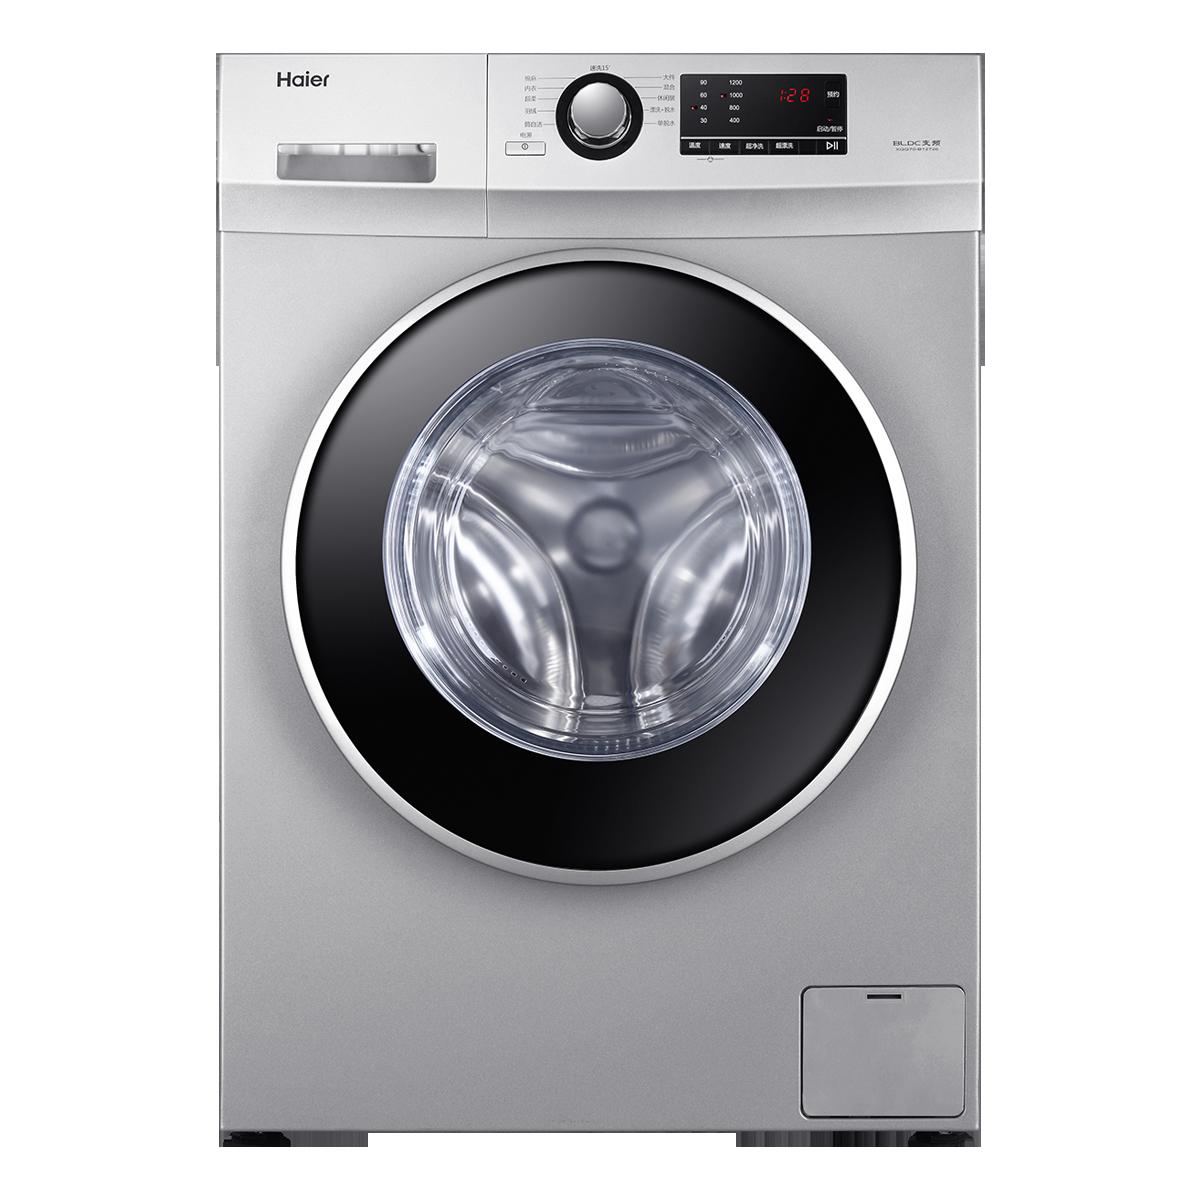 海尔Haier洗衣机 XQG80-B12726 说明书